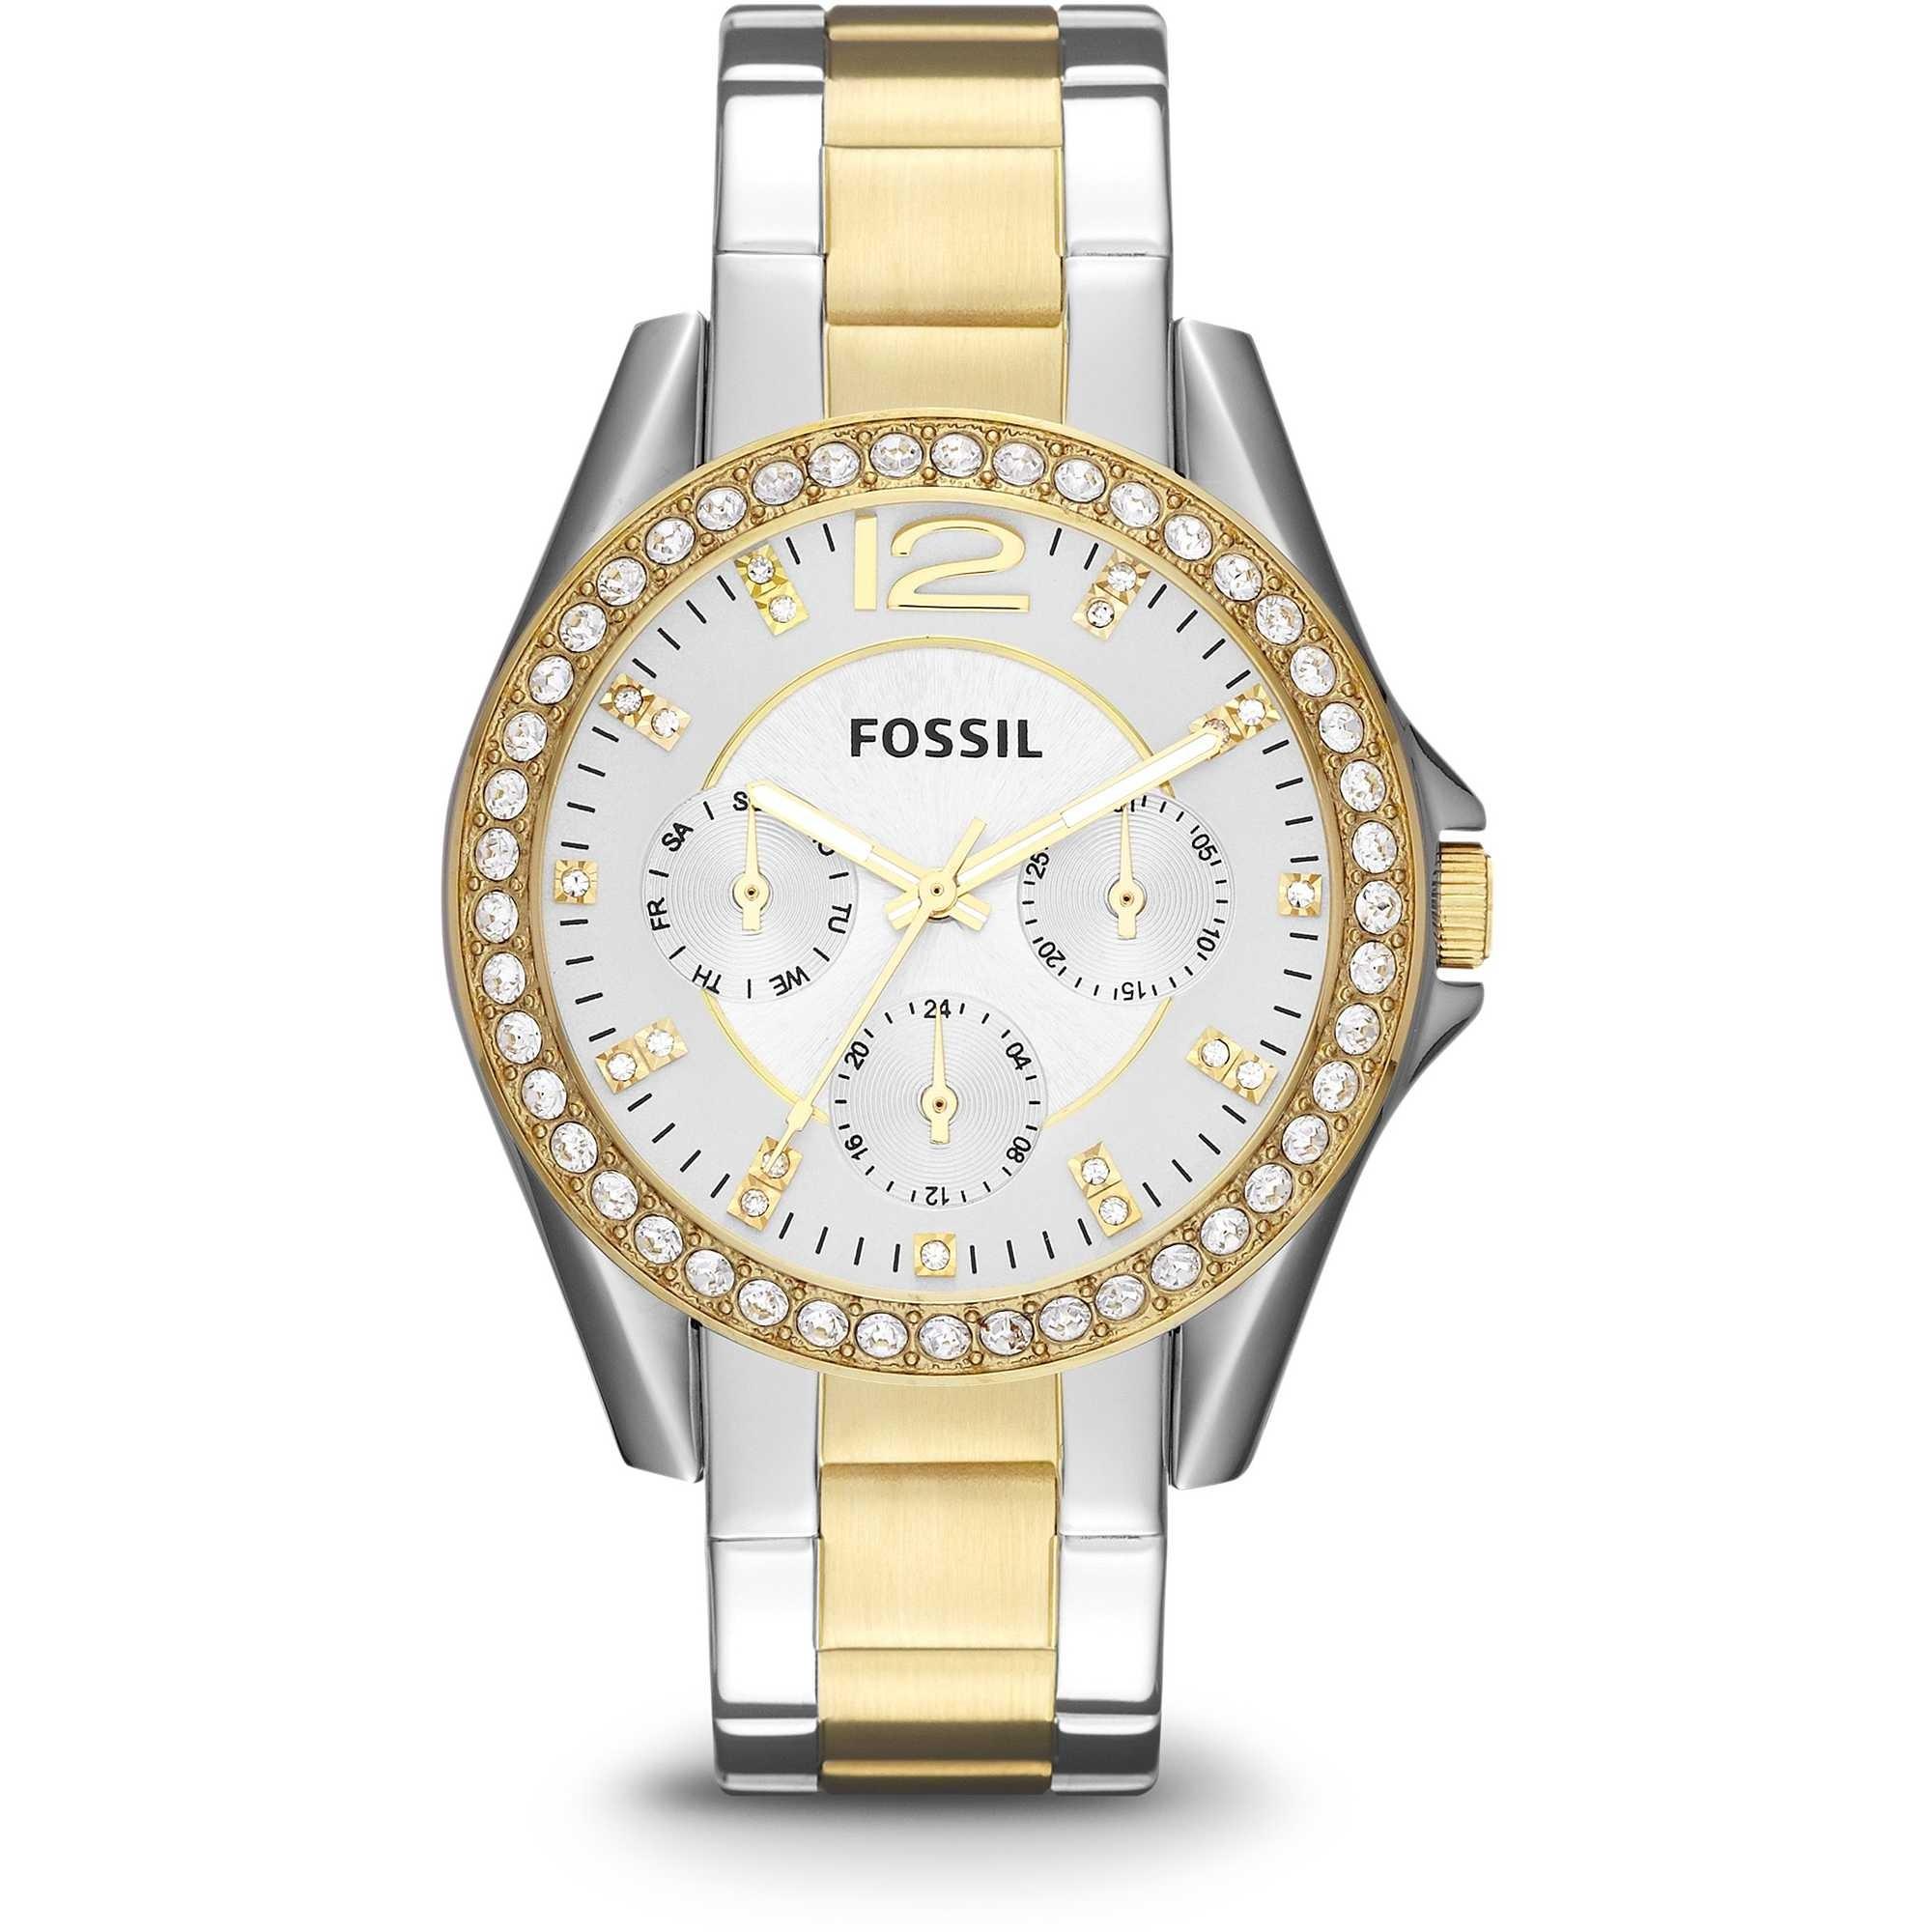 qualità eccellente vendibile godere di un prezzo economico Fossil orologio donna Riley. In acciaio inossidabile bicolore .